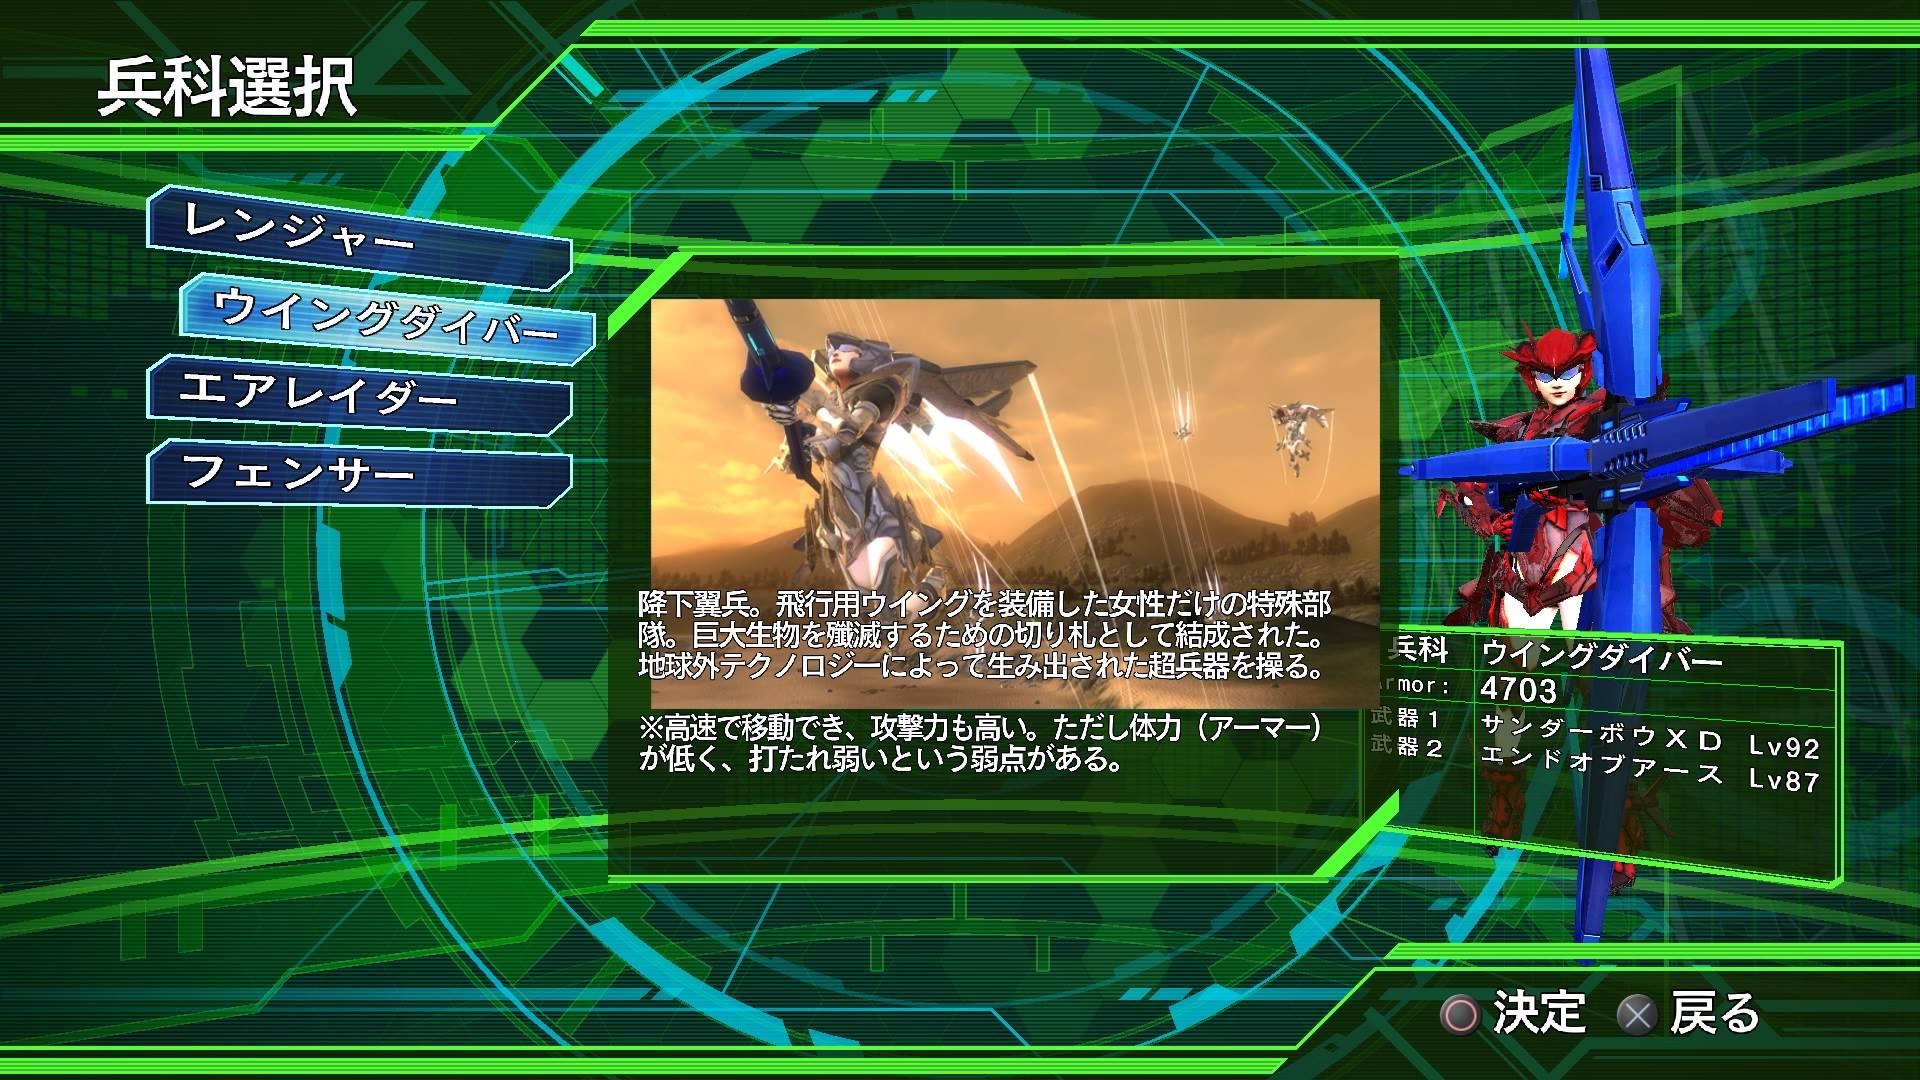 武器 ウイング 集め 軍 ダイバー 地球 4.1 防衛